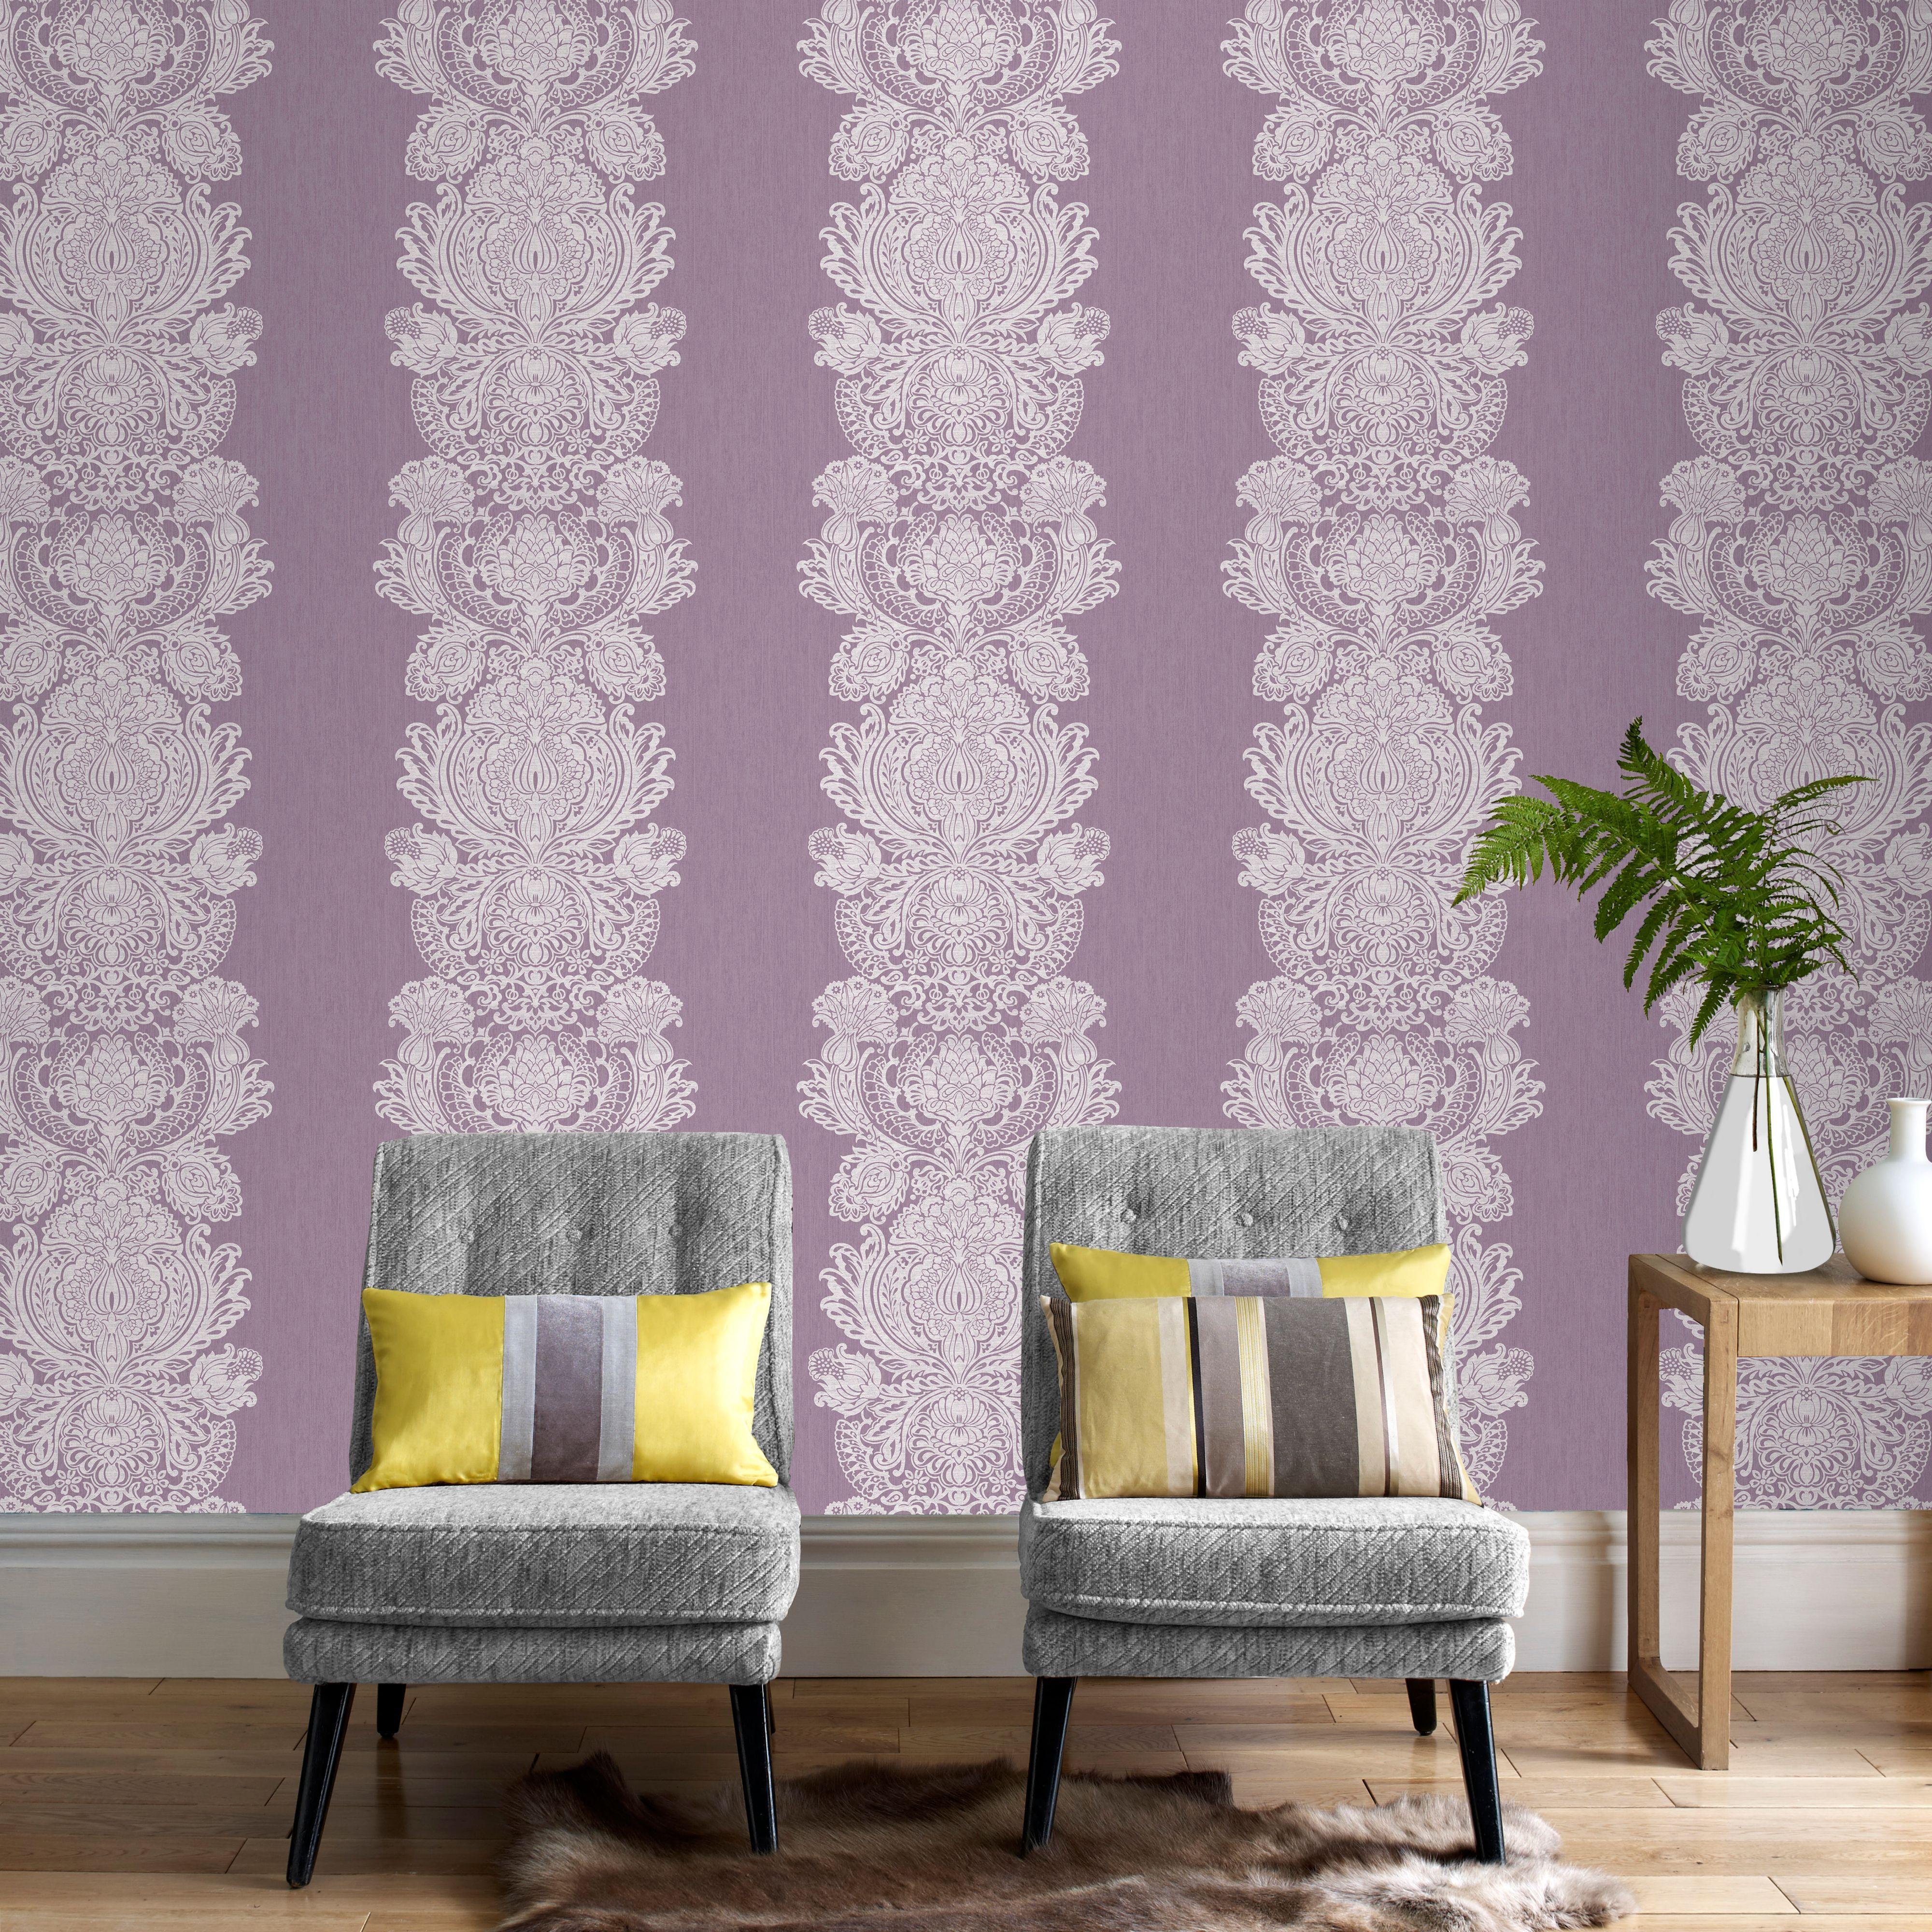 Purple Grandure Wallpaper Departments DIY at B&Q